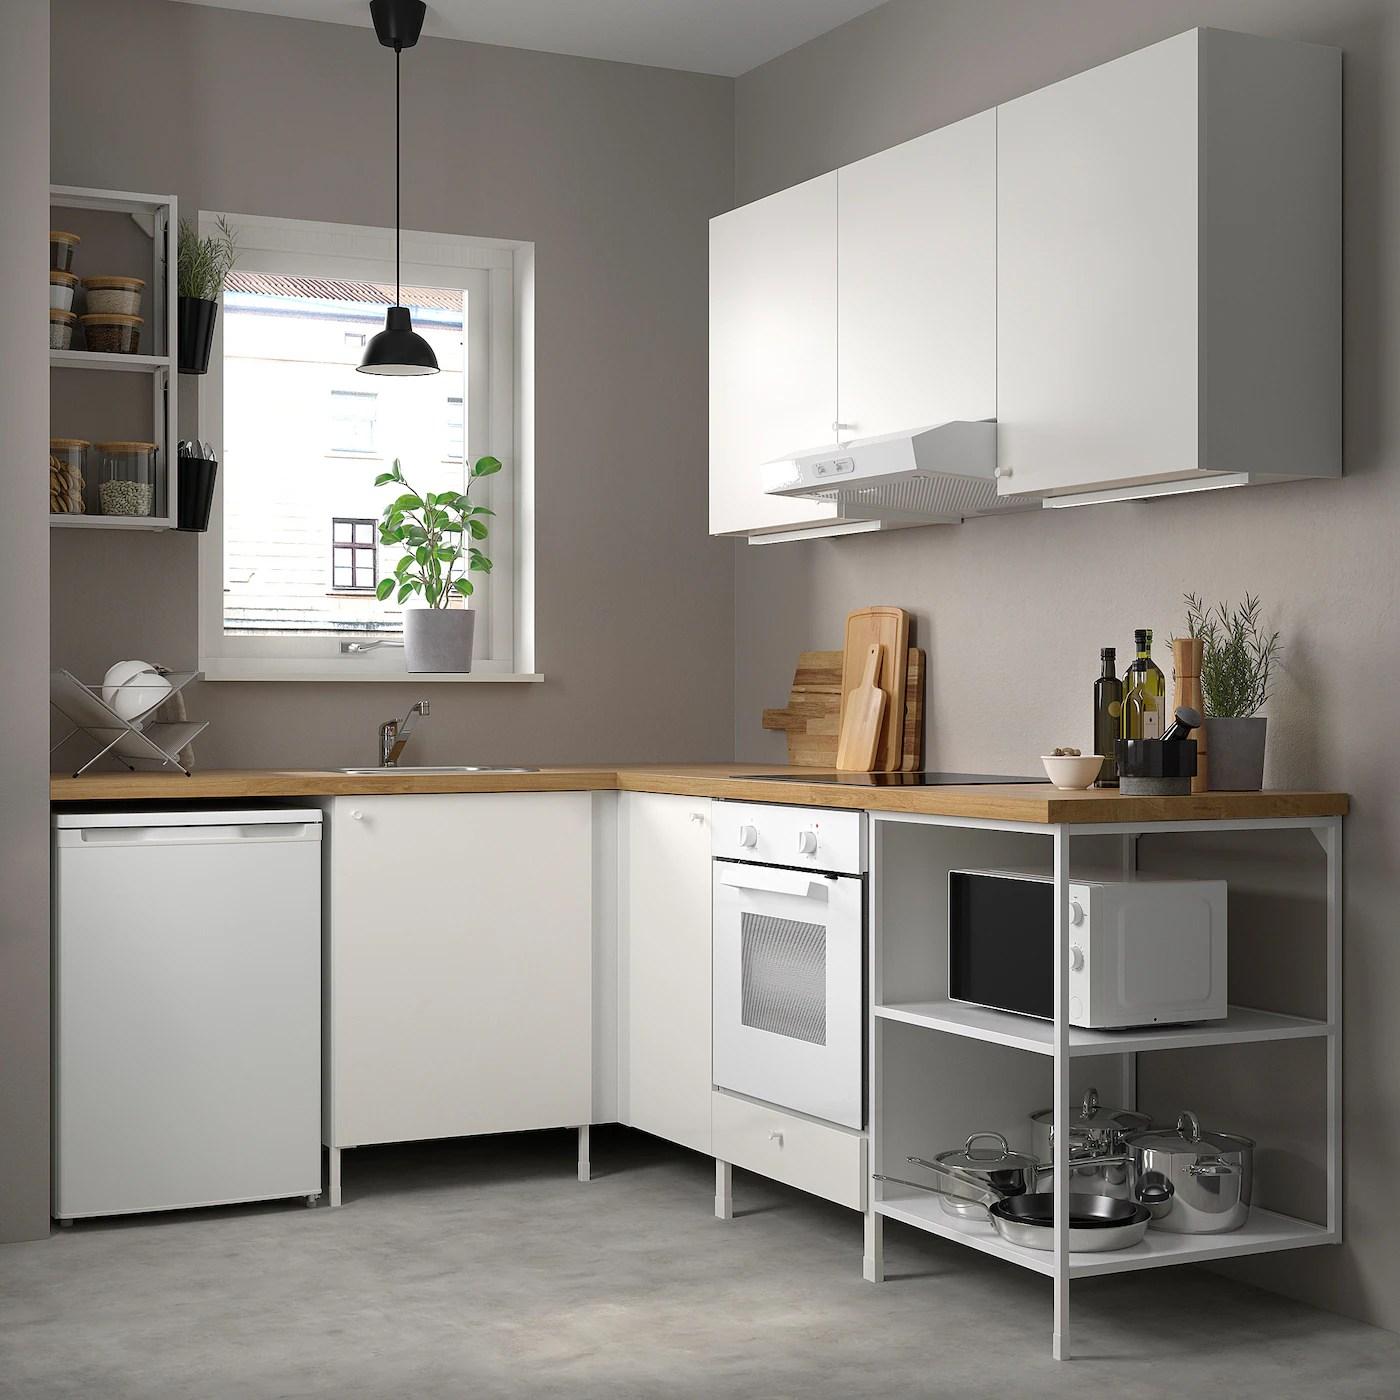 enhet corner kitchen white ikea